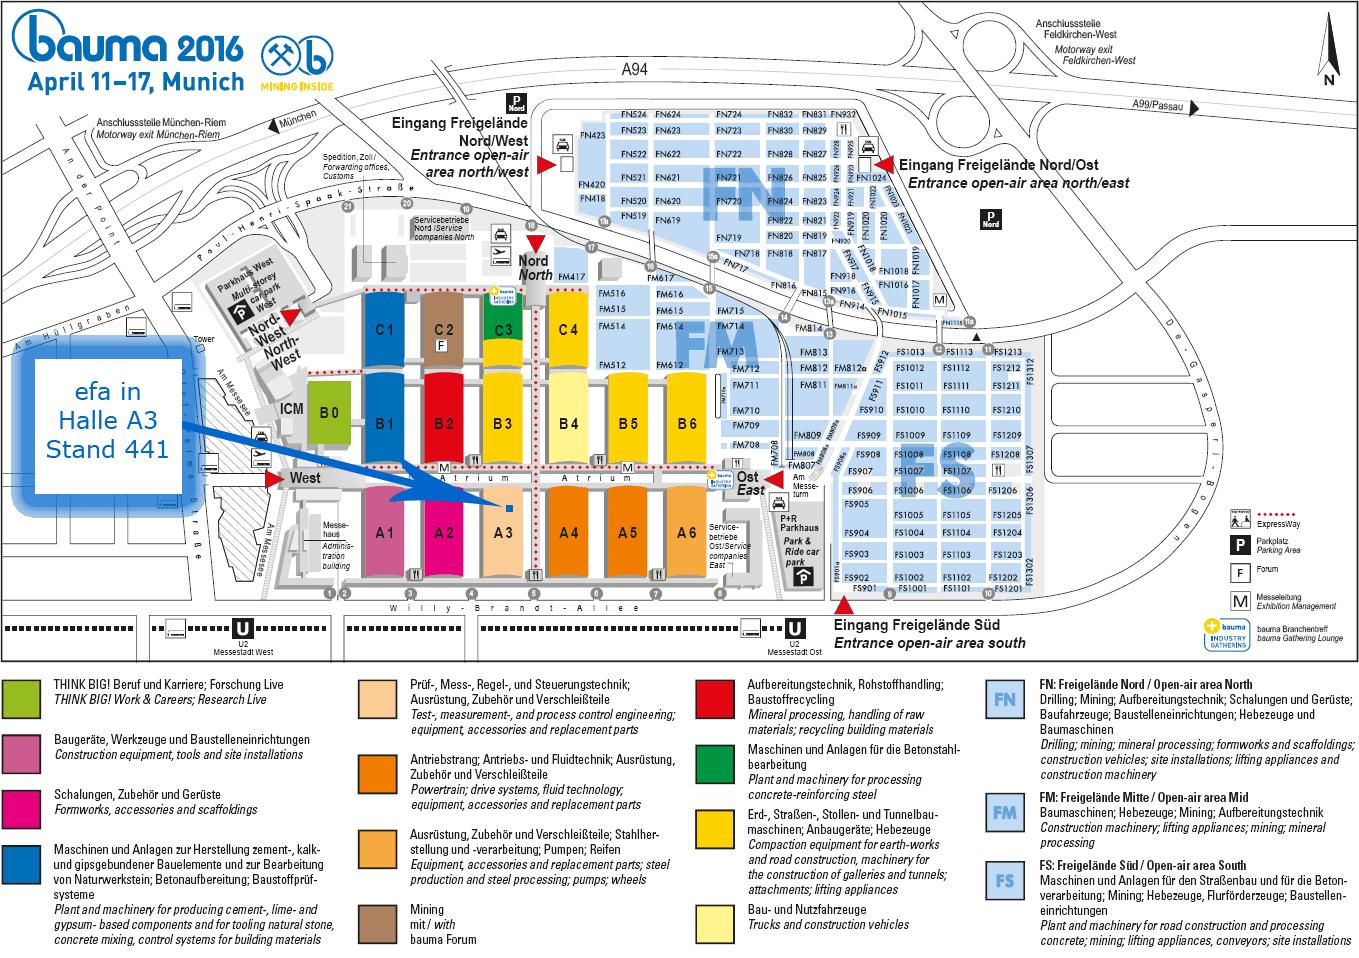 Klick für große Ansicht des Hallen- und Lageplans zur bauma 2016